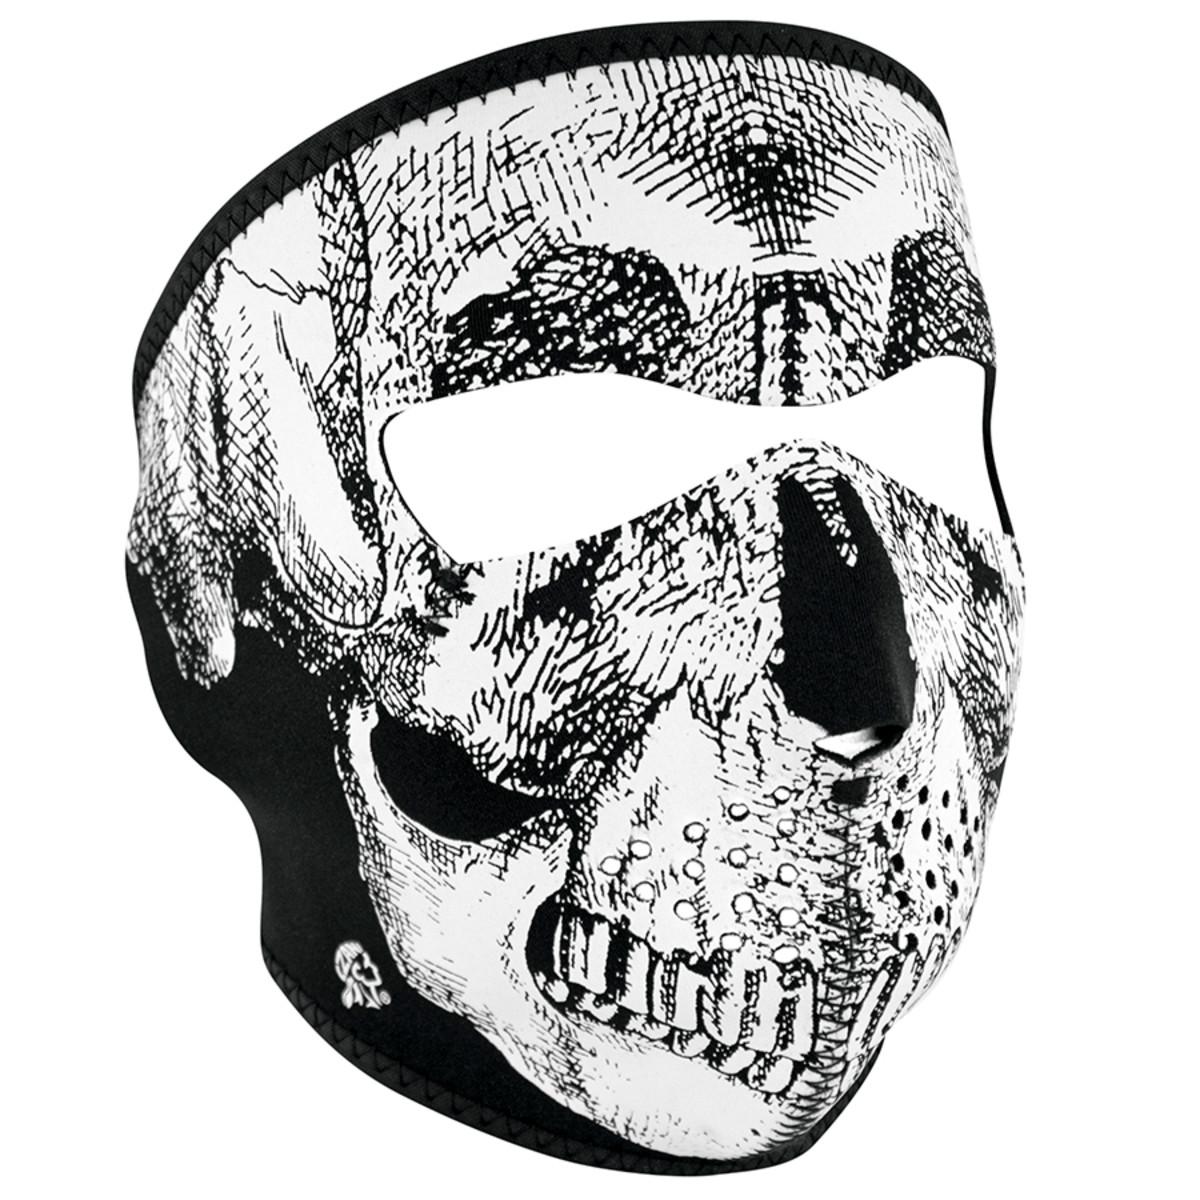 Neprene Face Mask /  Skull